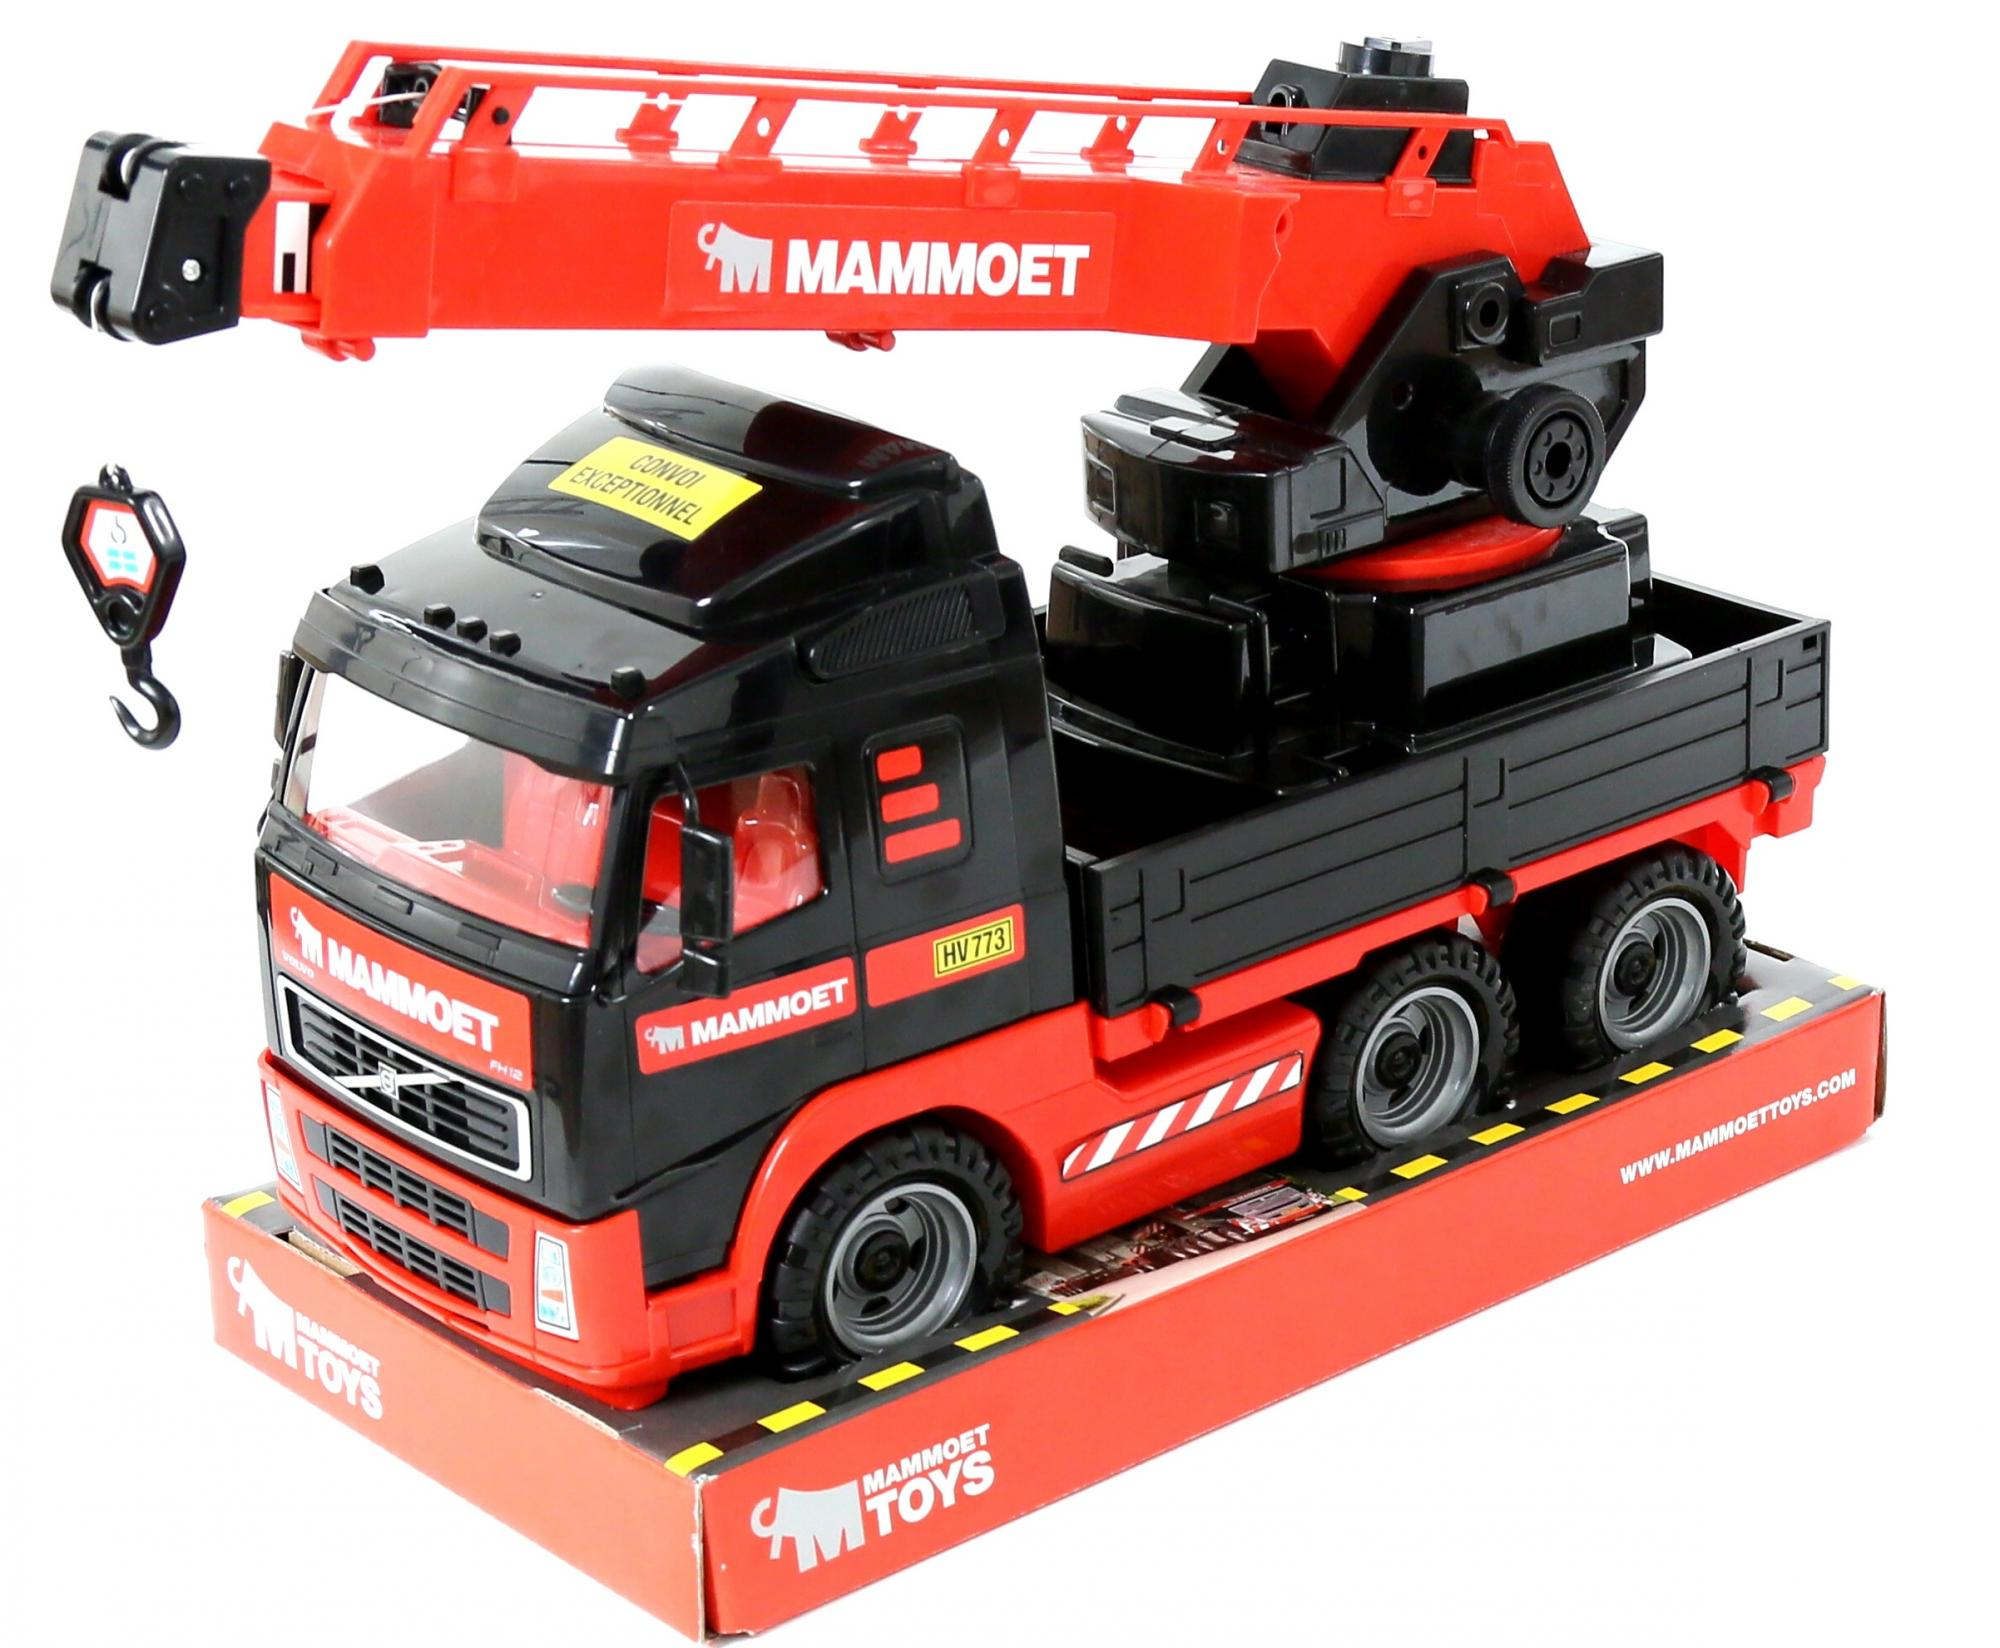 Автомобиль-кран Mammoet Volvo 203-03, с поворотной платформой - Игрушечные подъемные краны, артикул: 153726